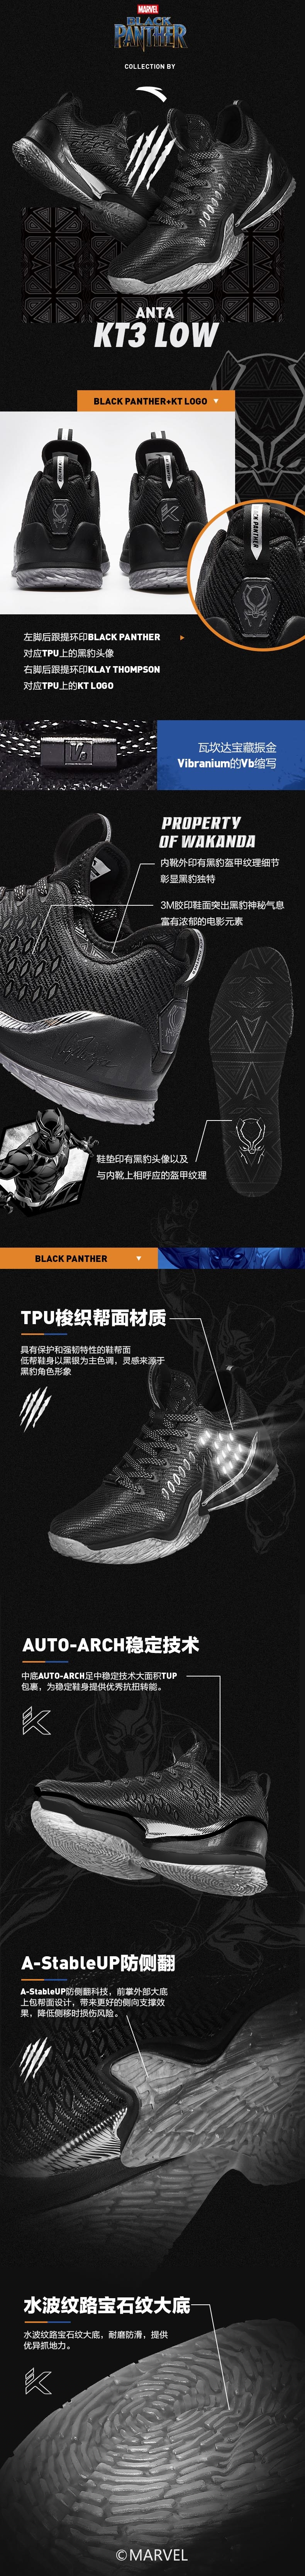 """Anta x Marvel 2018 NBA Klay Thompson KT3 - """"Black Panther"""""""